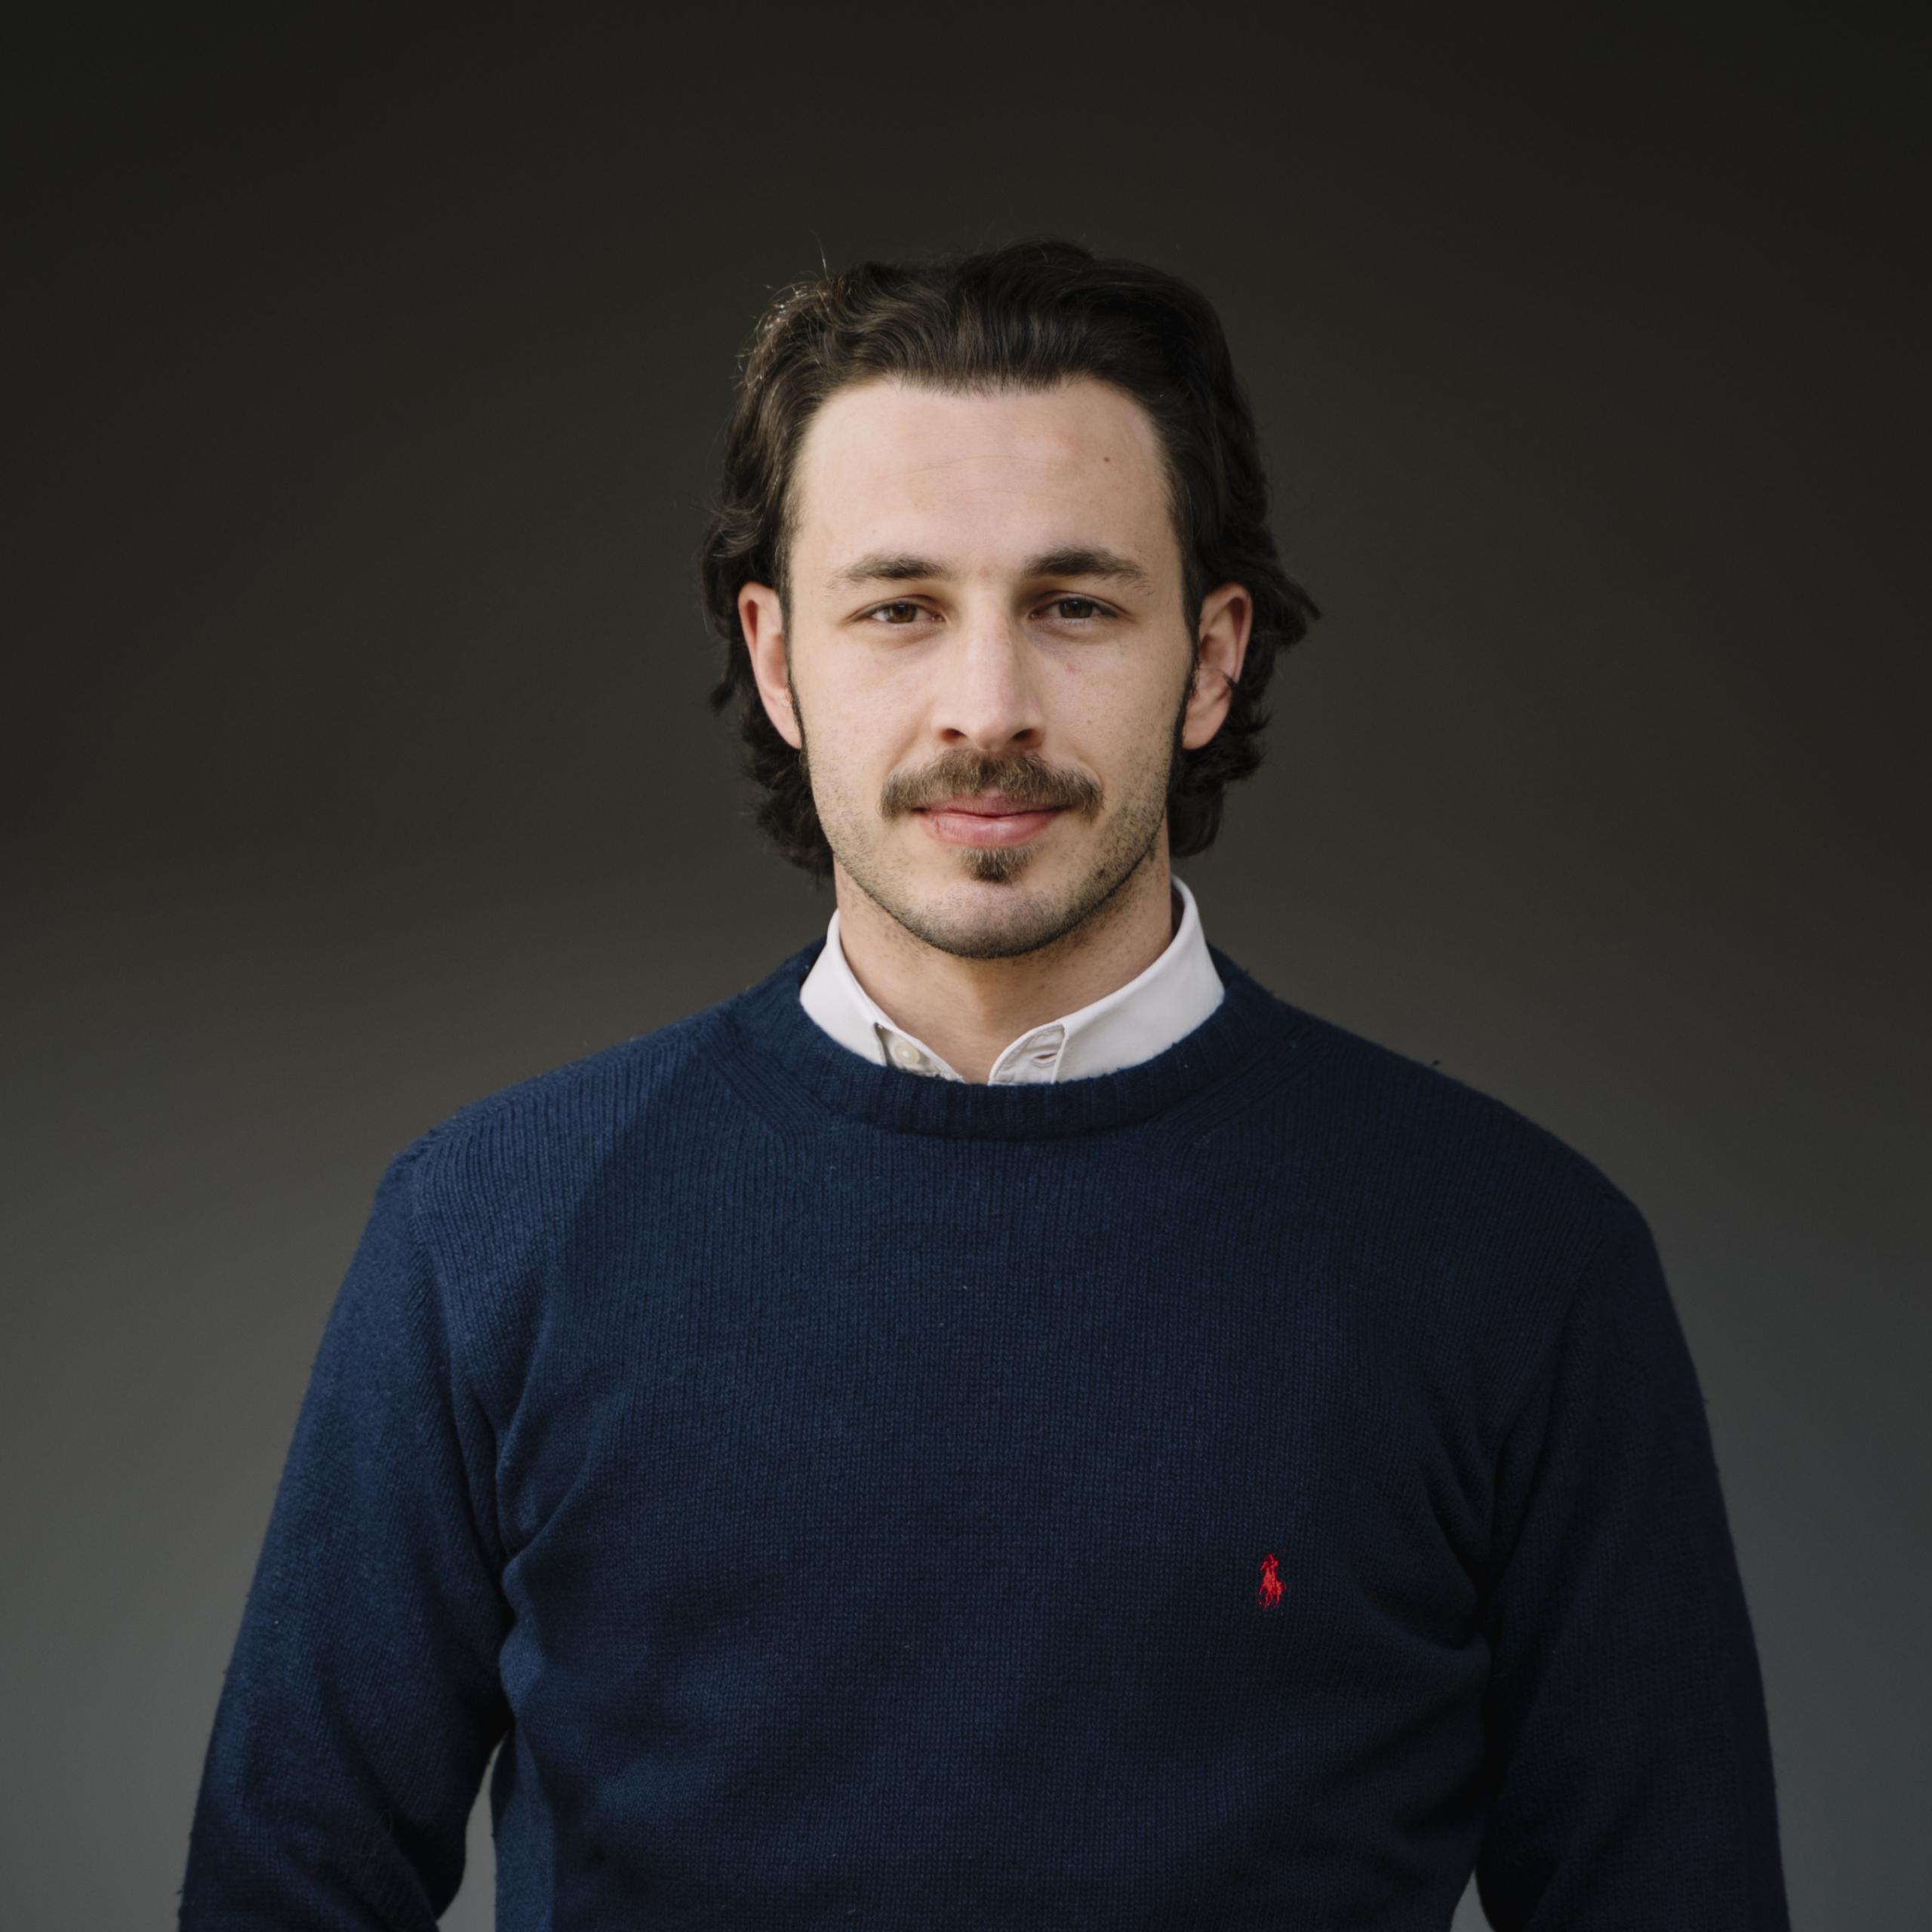 Giorgio Giorgi